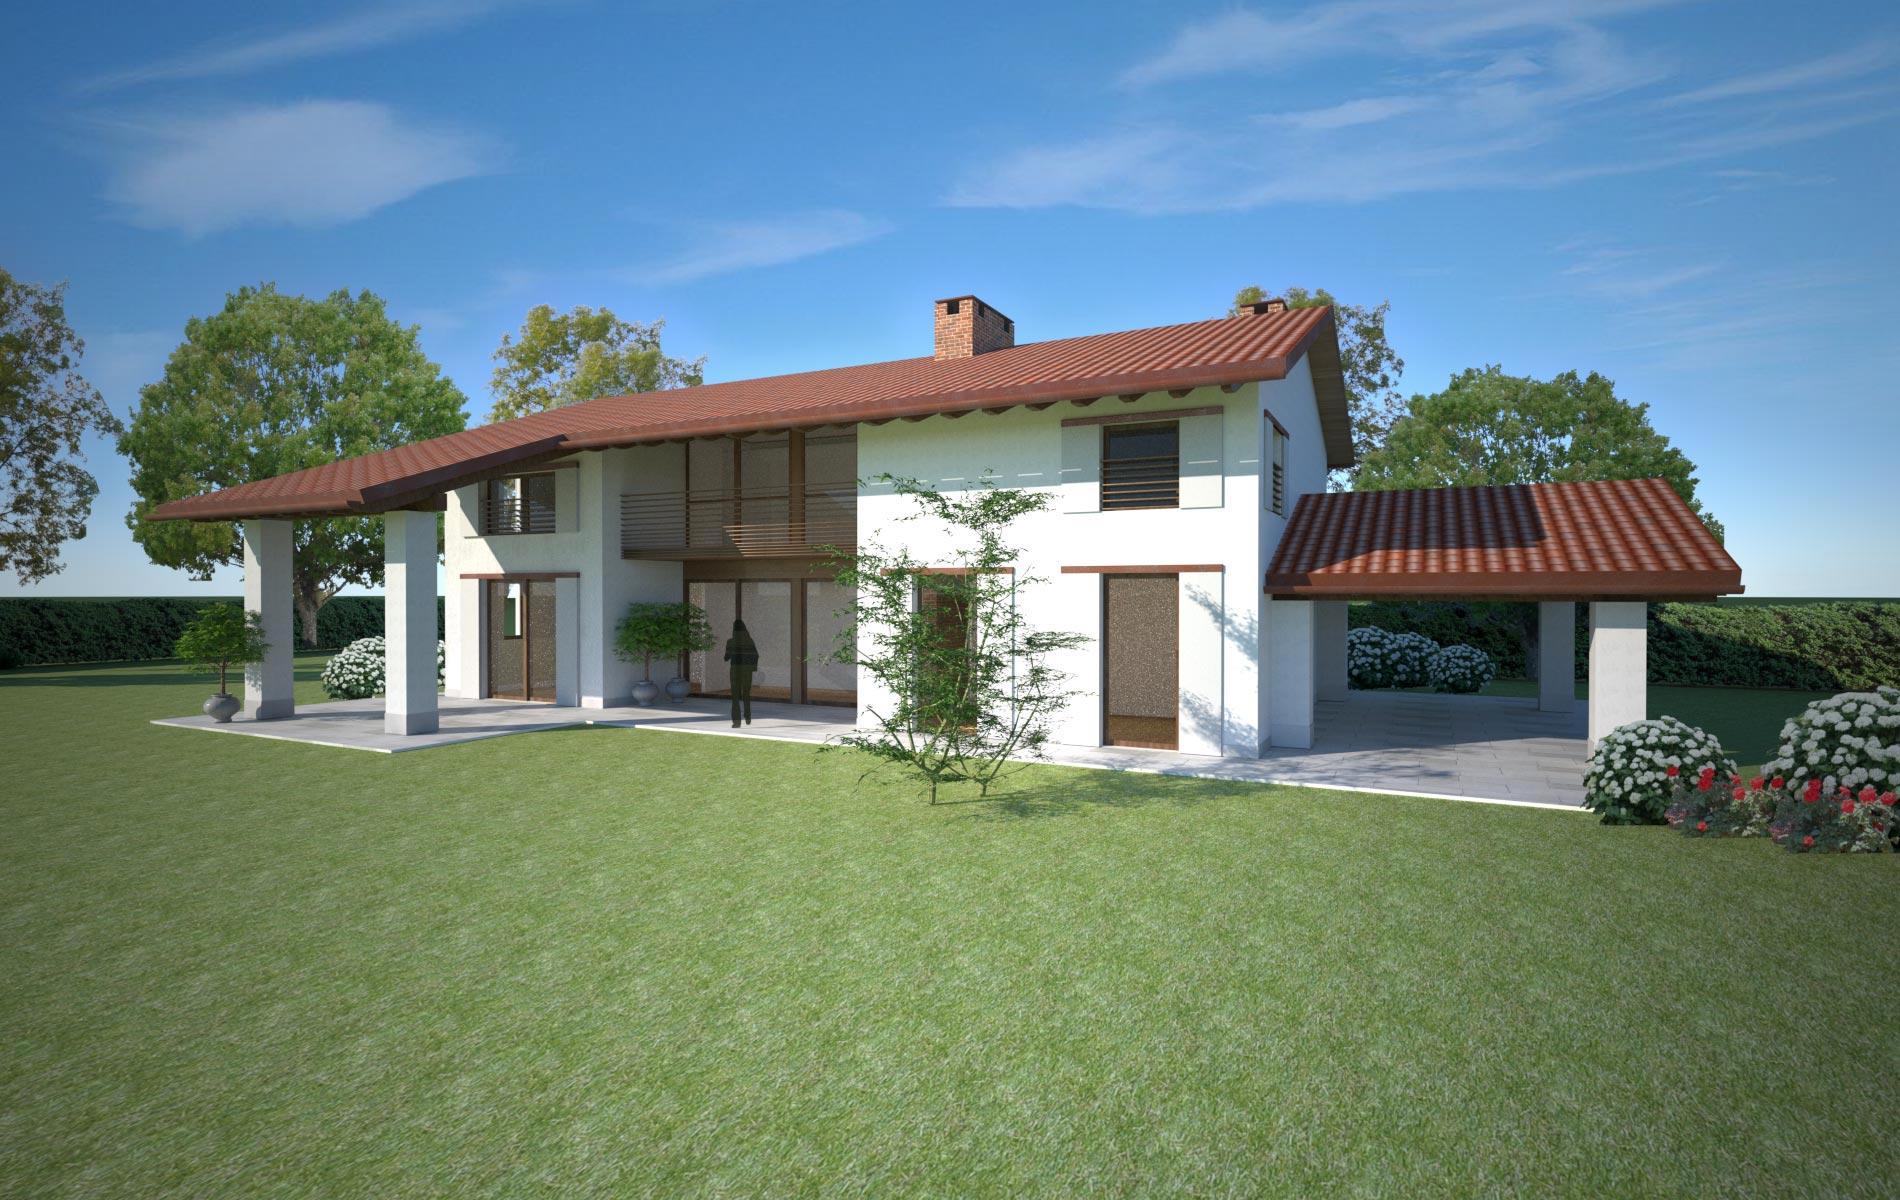 Villa con struttura in legno x lam treviso globarch for Villa legno